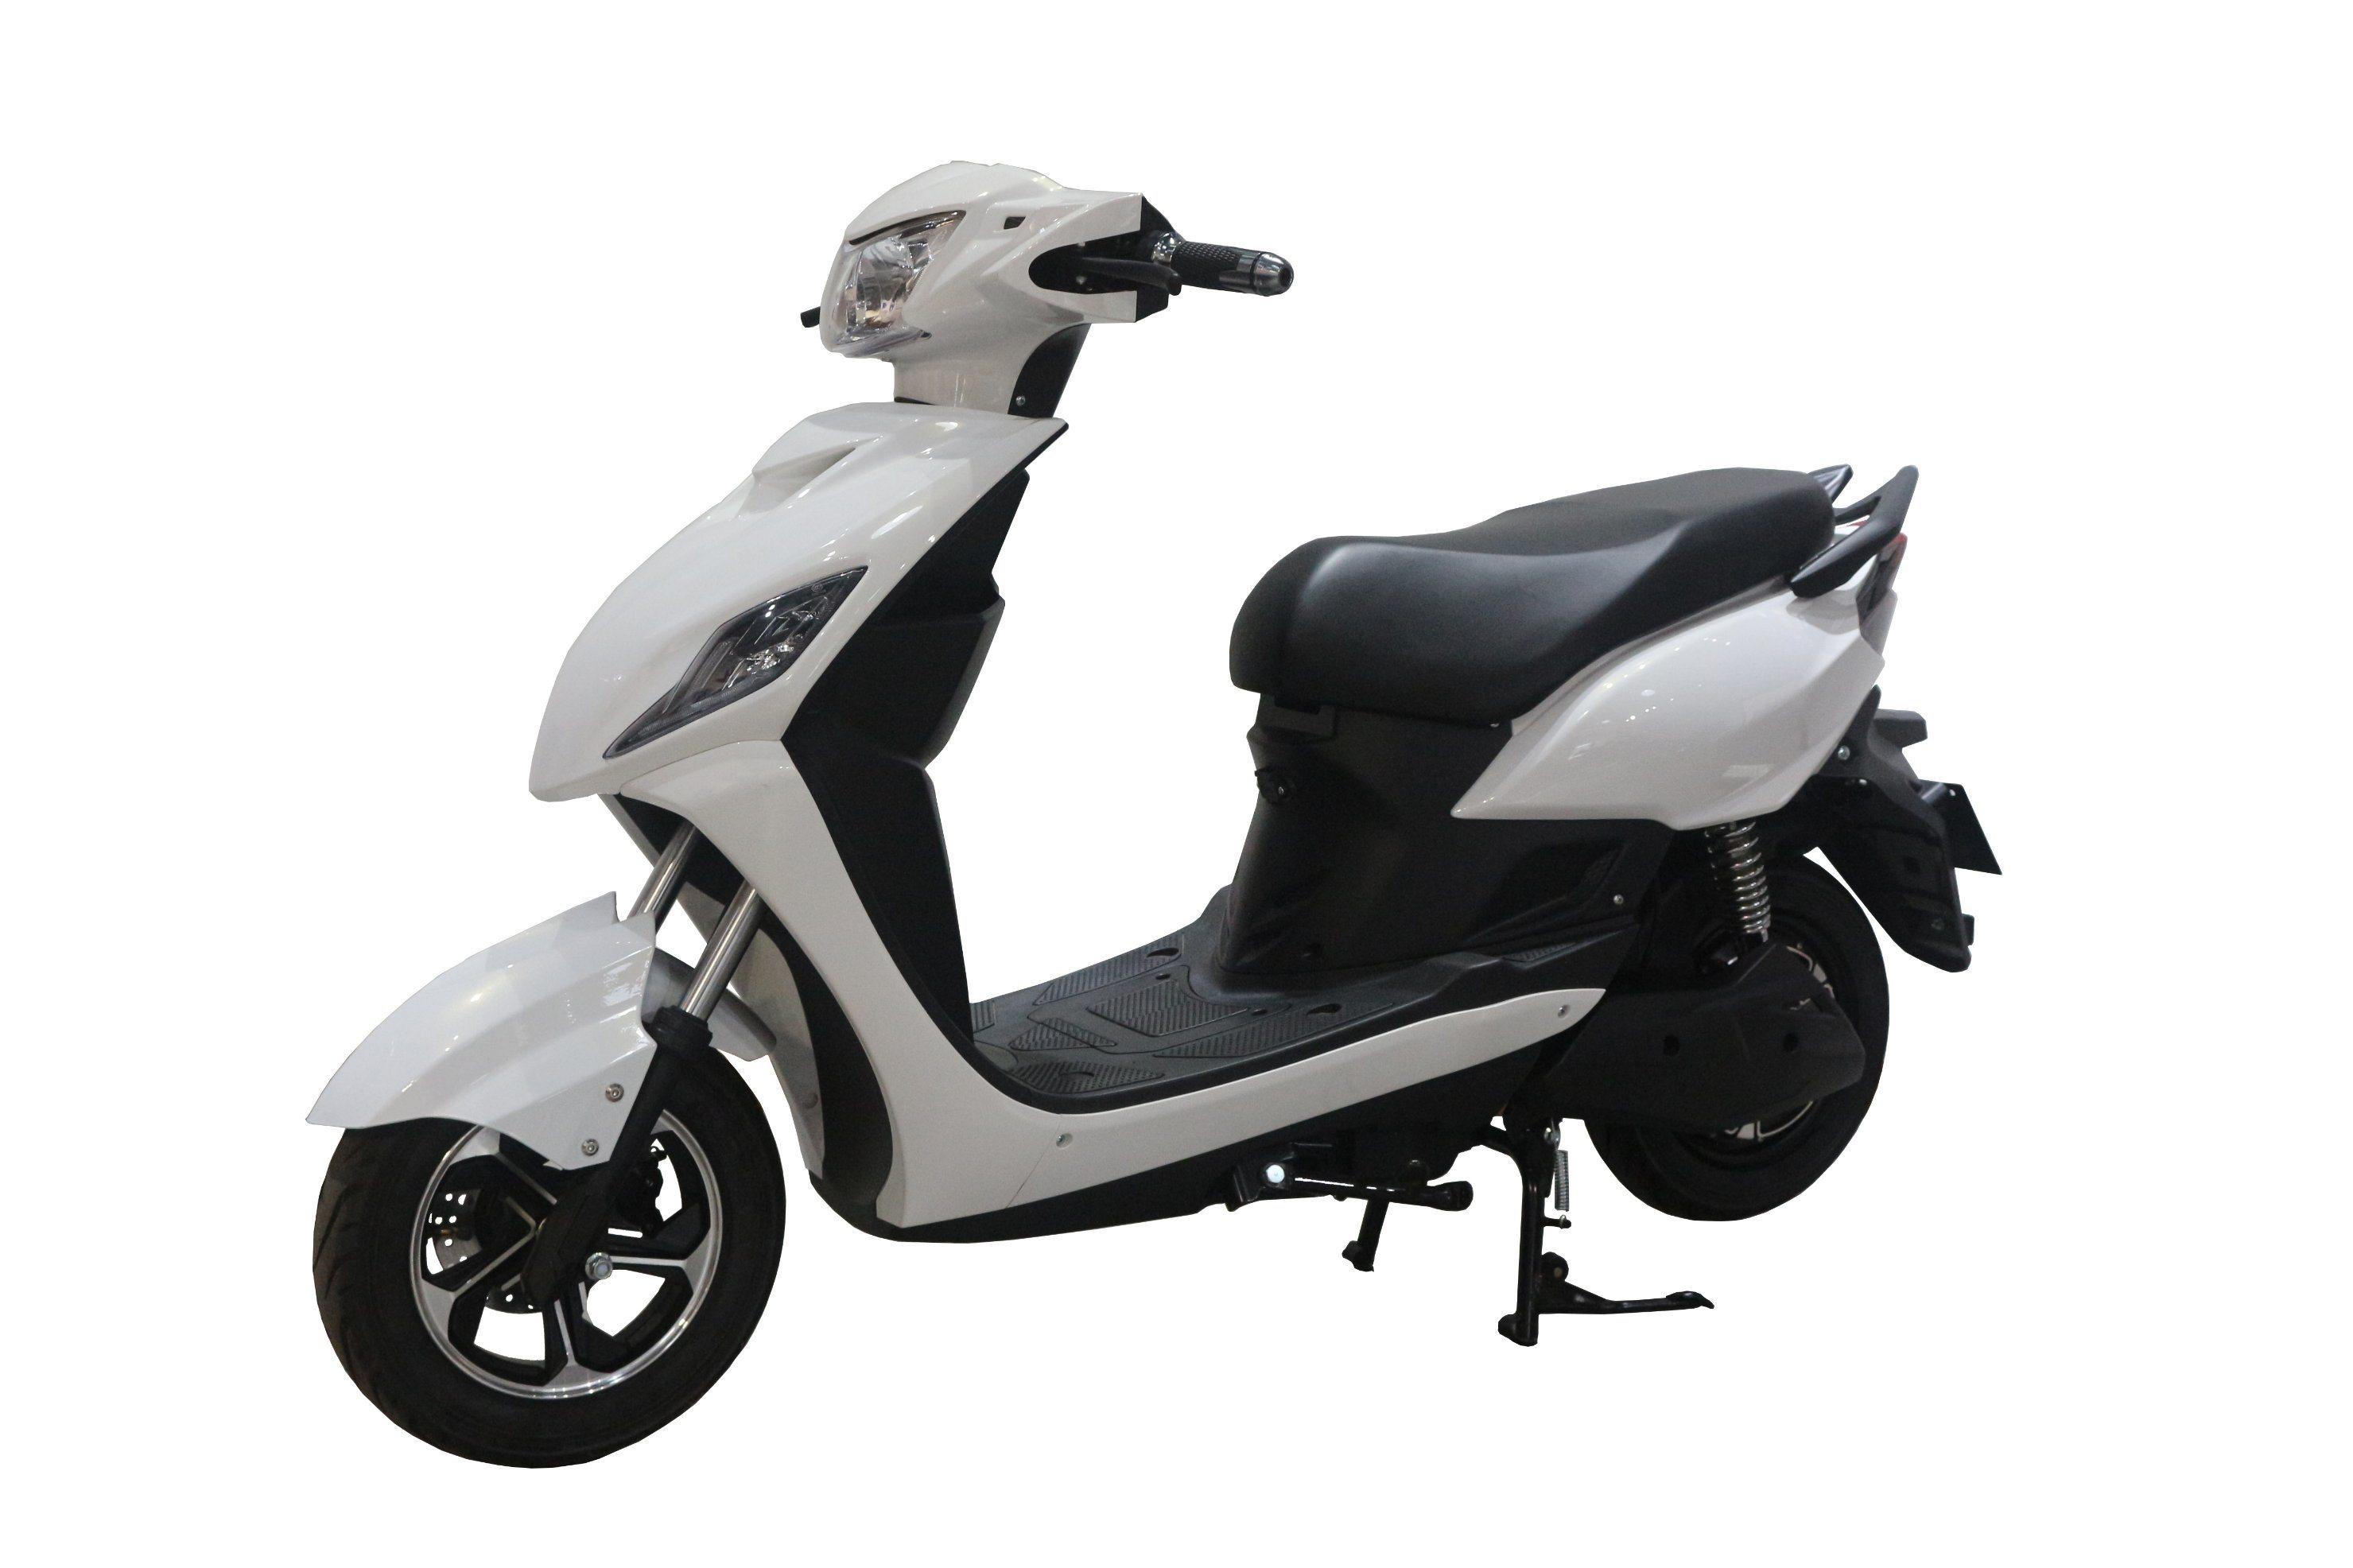 빠르게 구매할 수 있는 중국 패스트푸드 공장 직판판매 800W 전기 판매 스쿠터 오토바이 판매